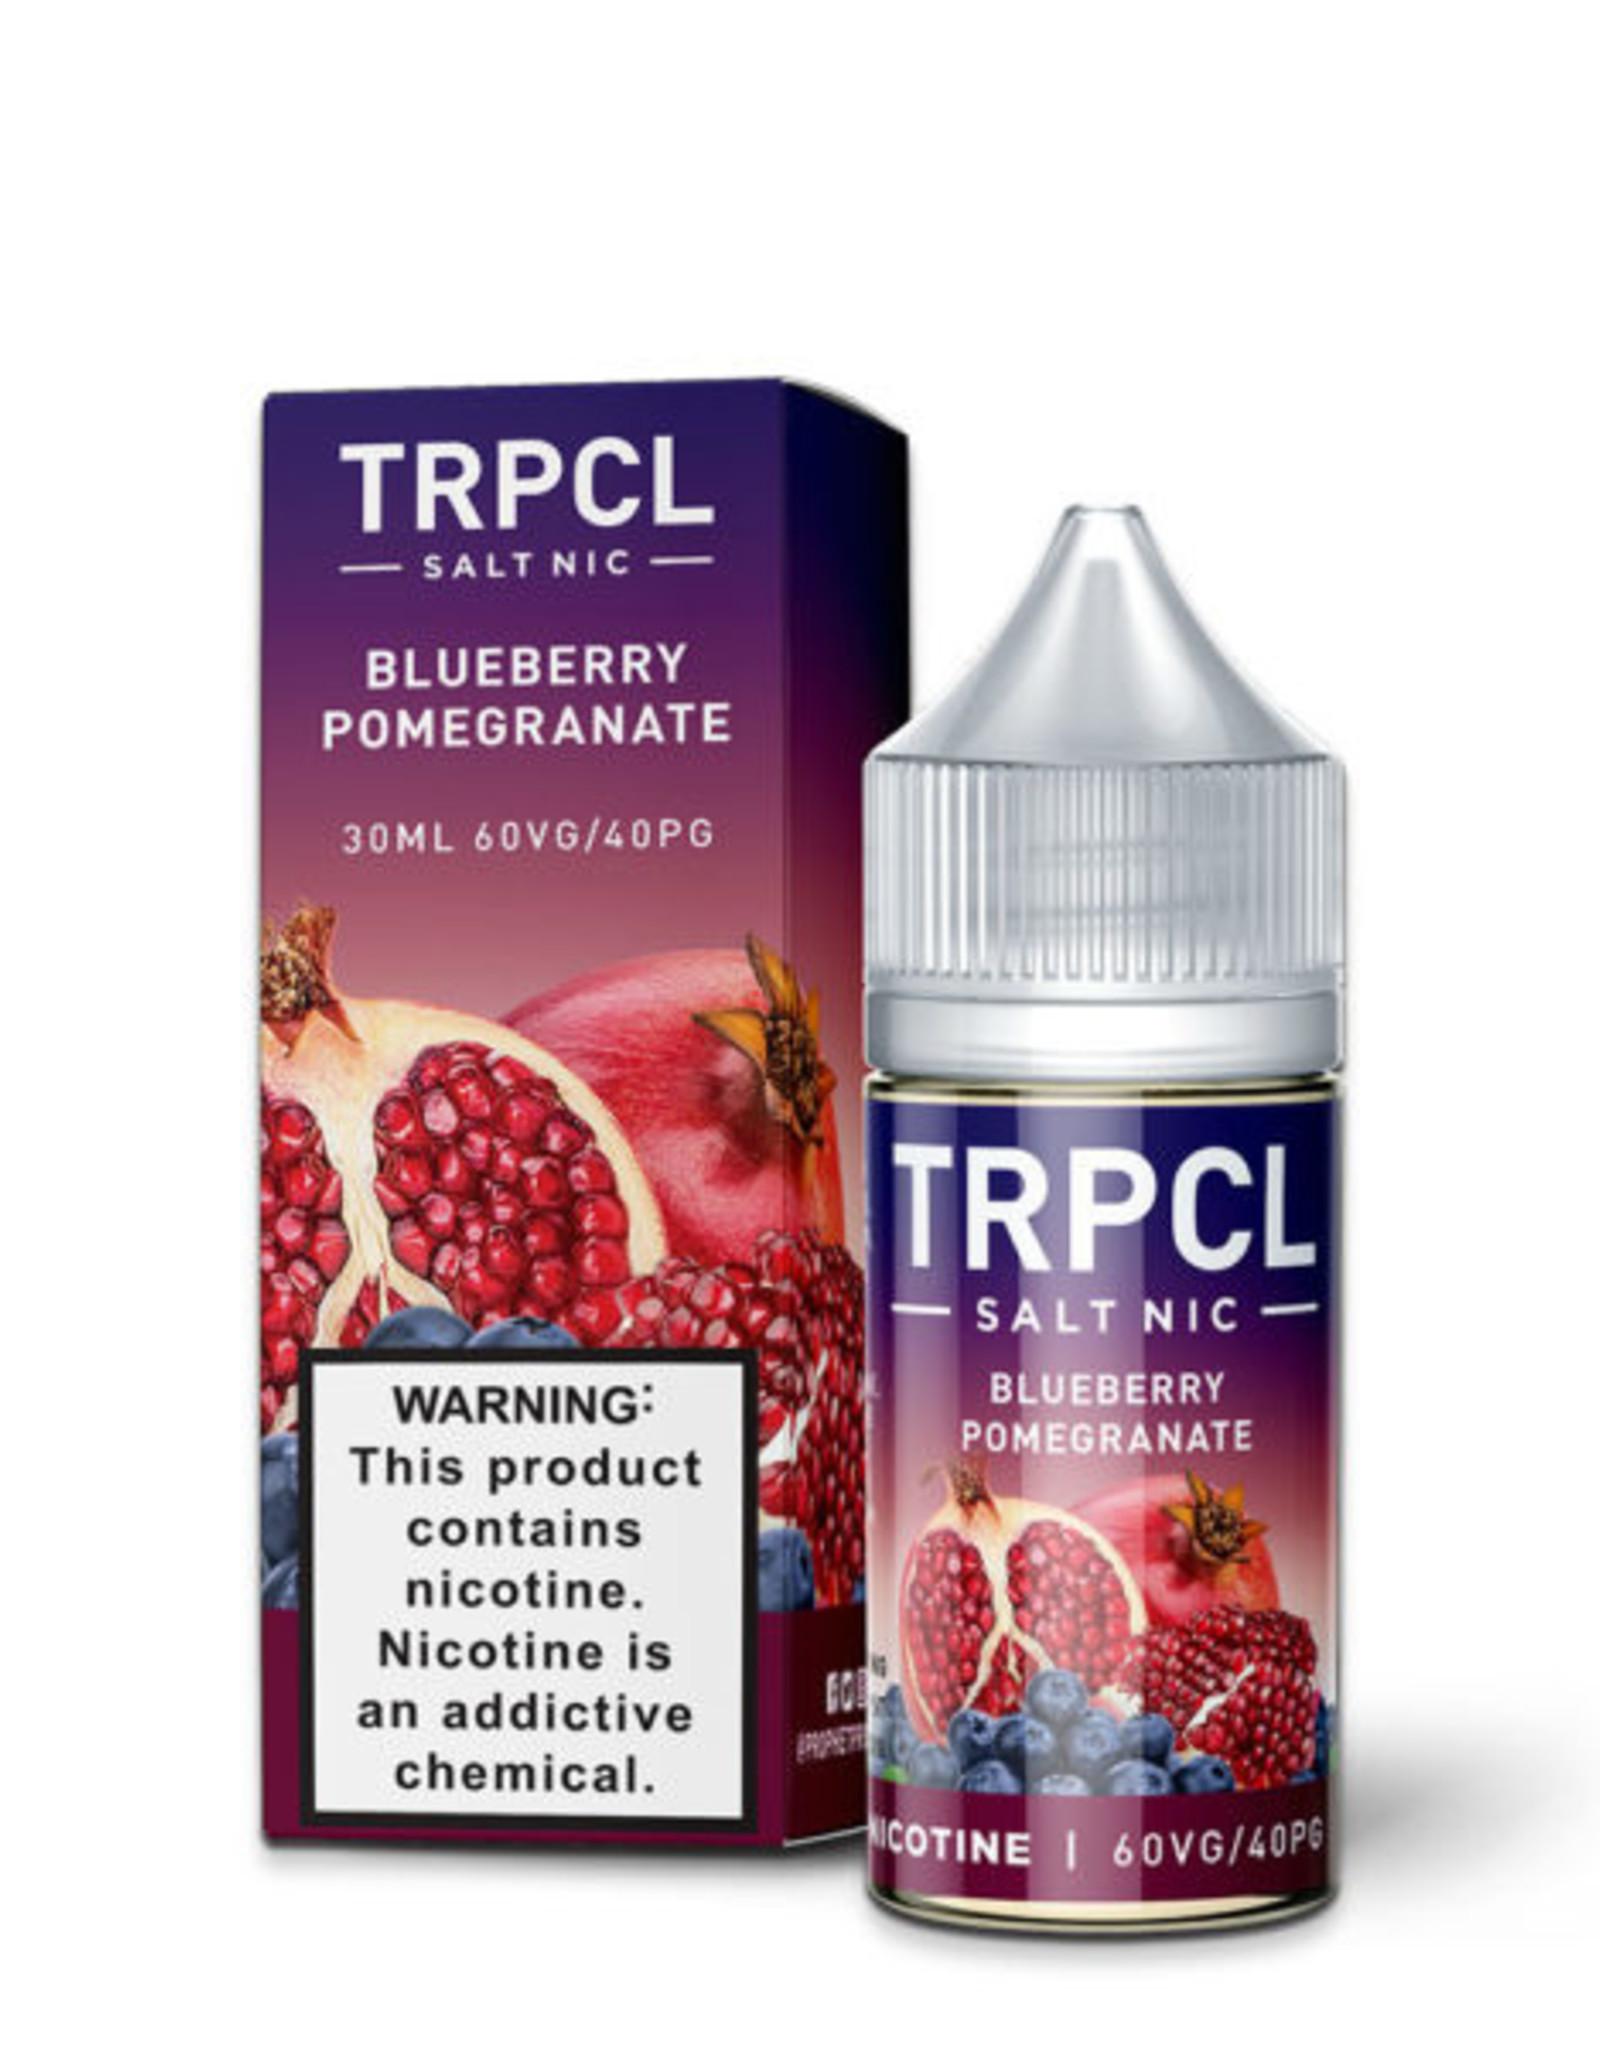 TRPCL Blueberry Pomegranate Salts By Trpcl